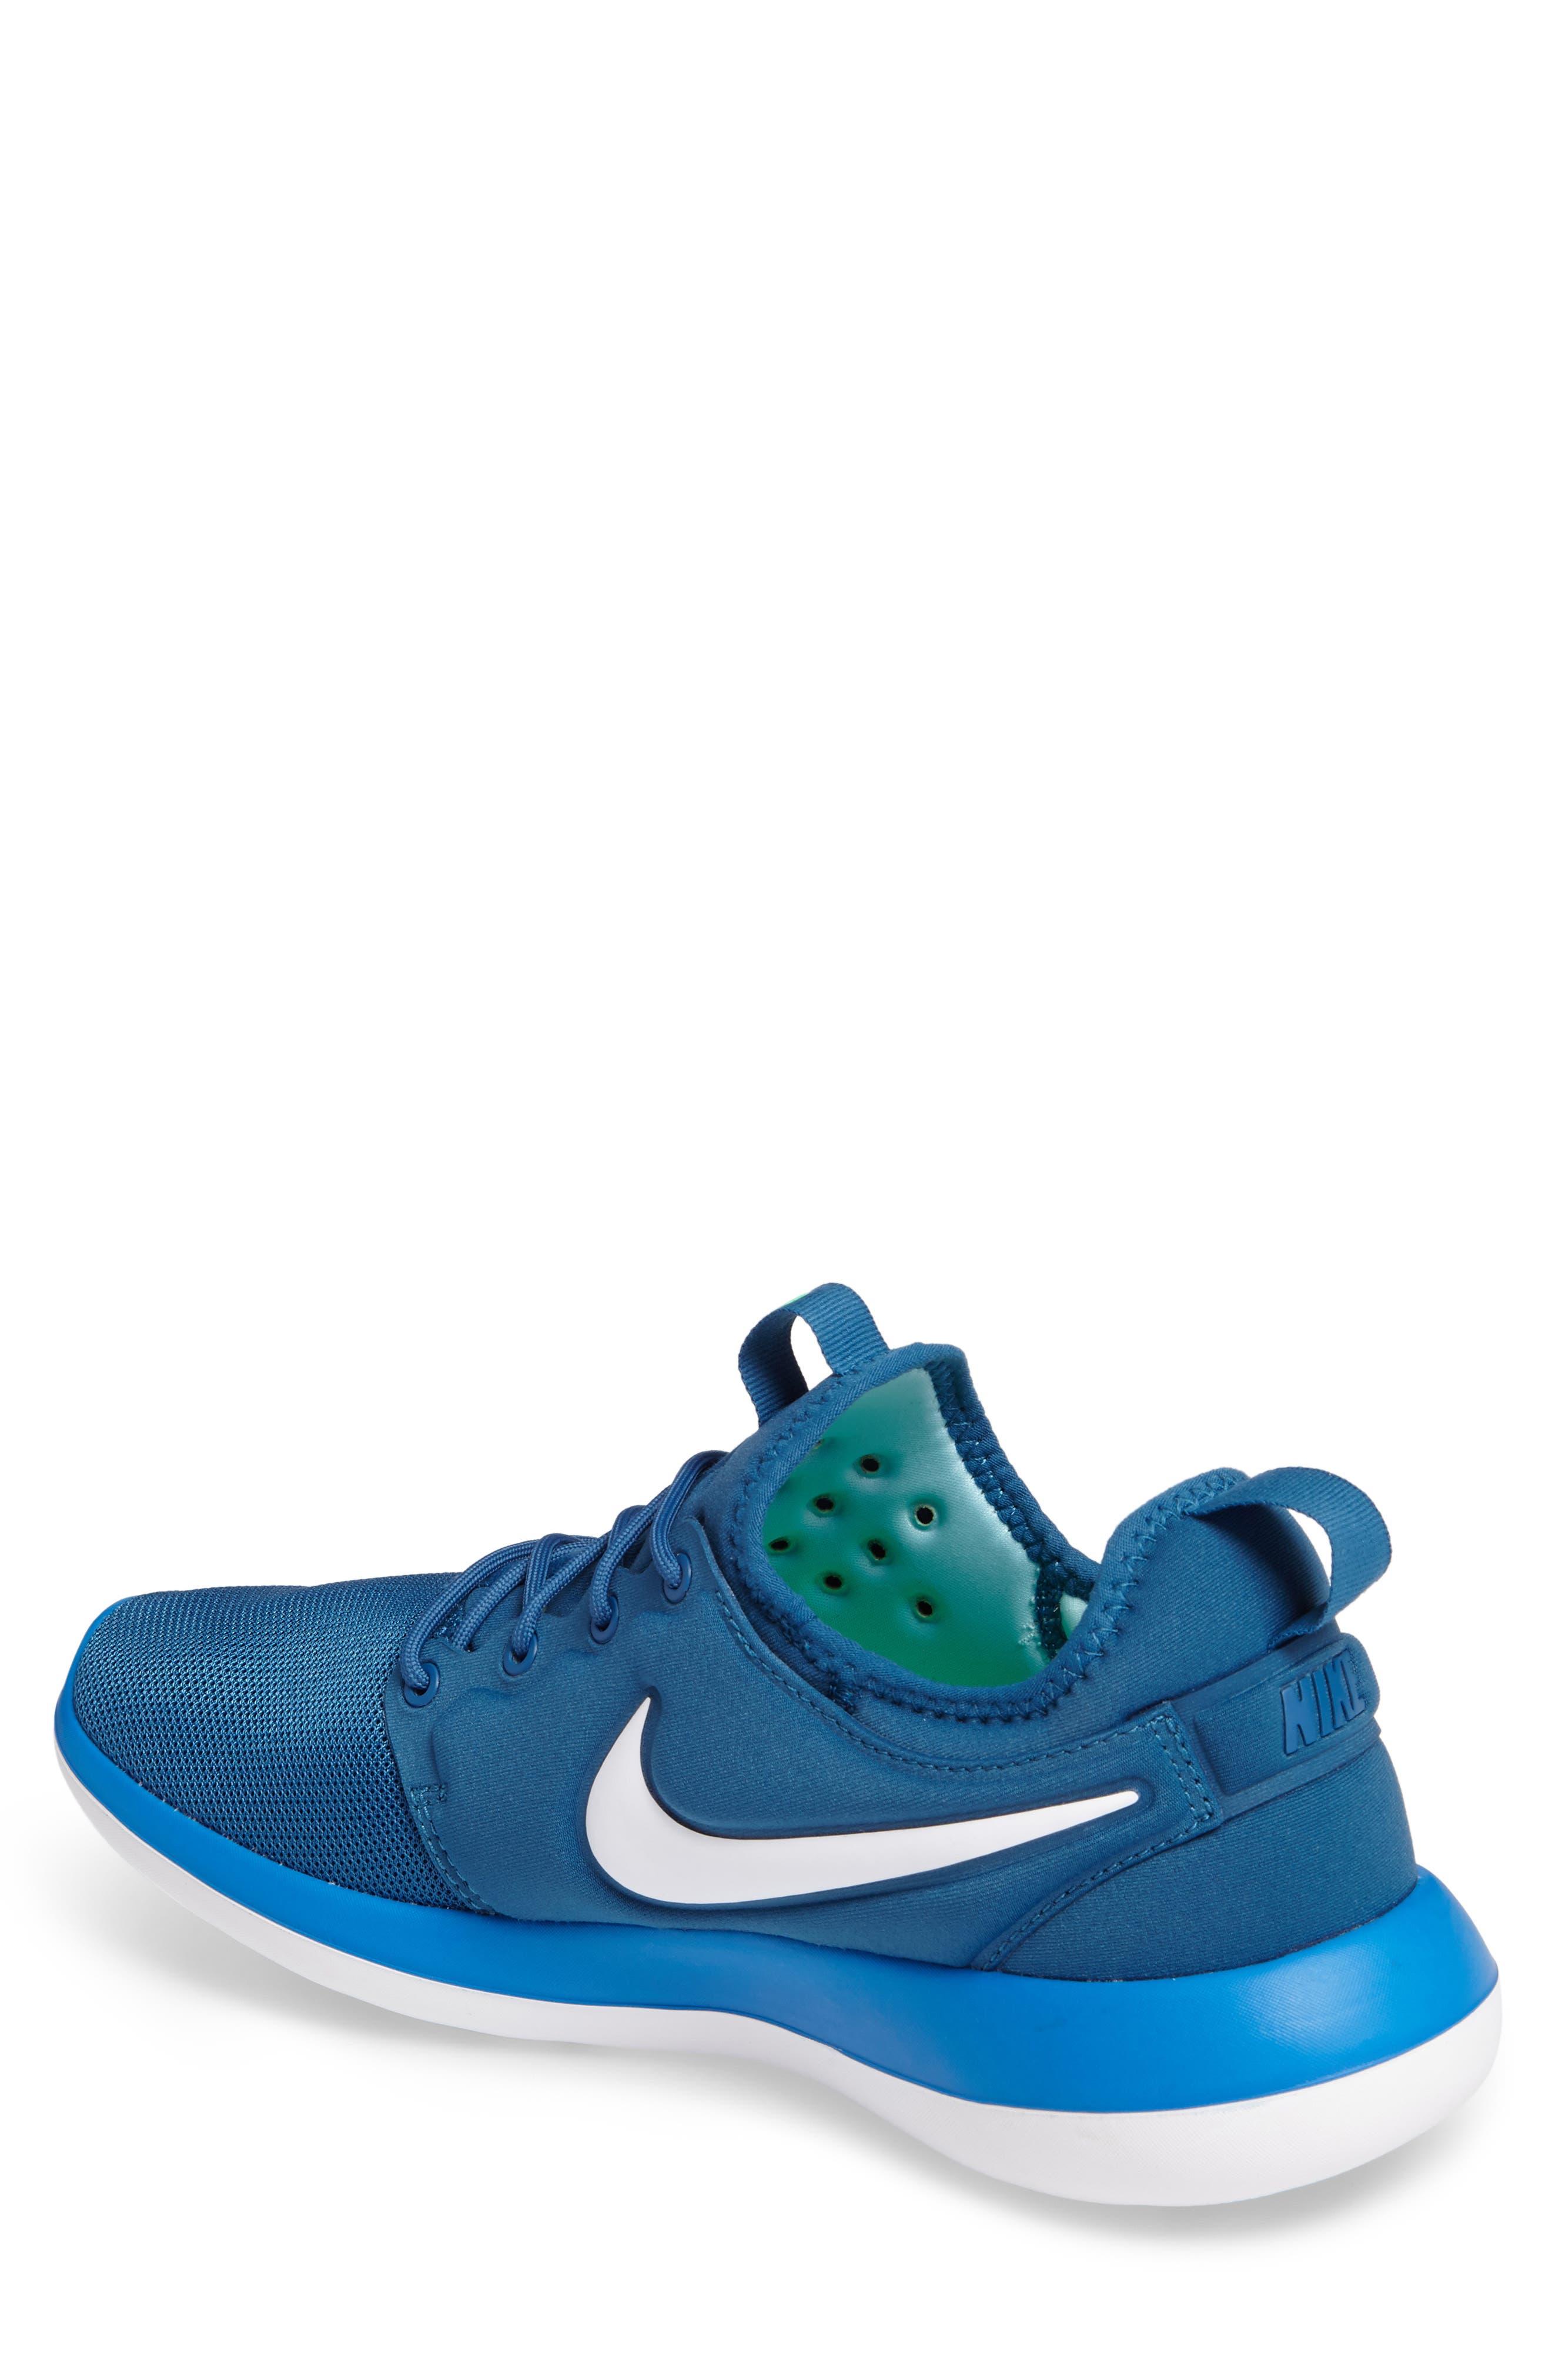 Roshe Two Sneaker,                             Alternate thumbnail 19, color,